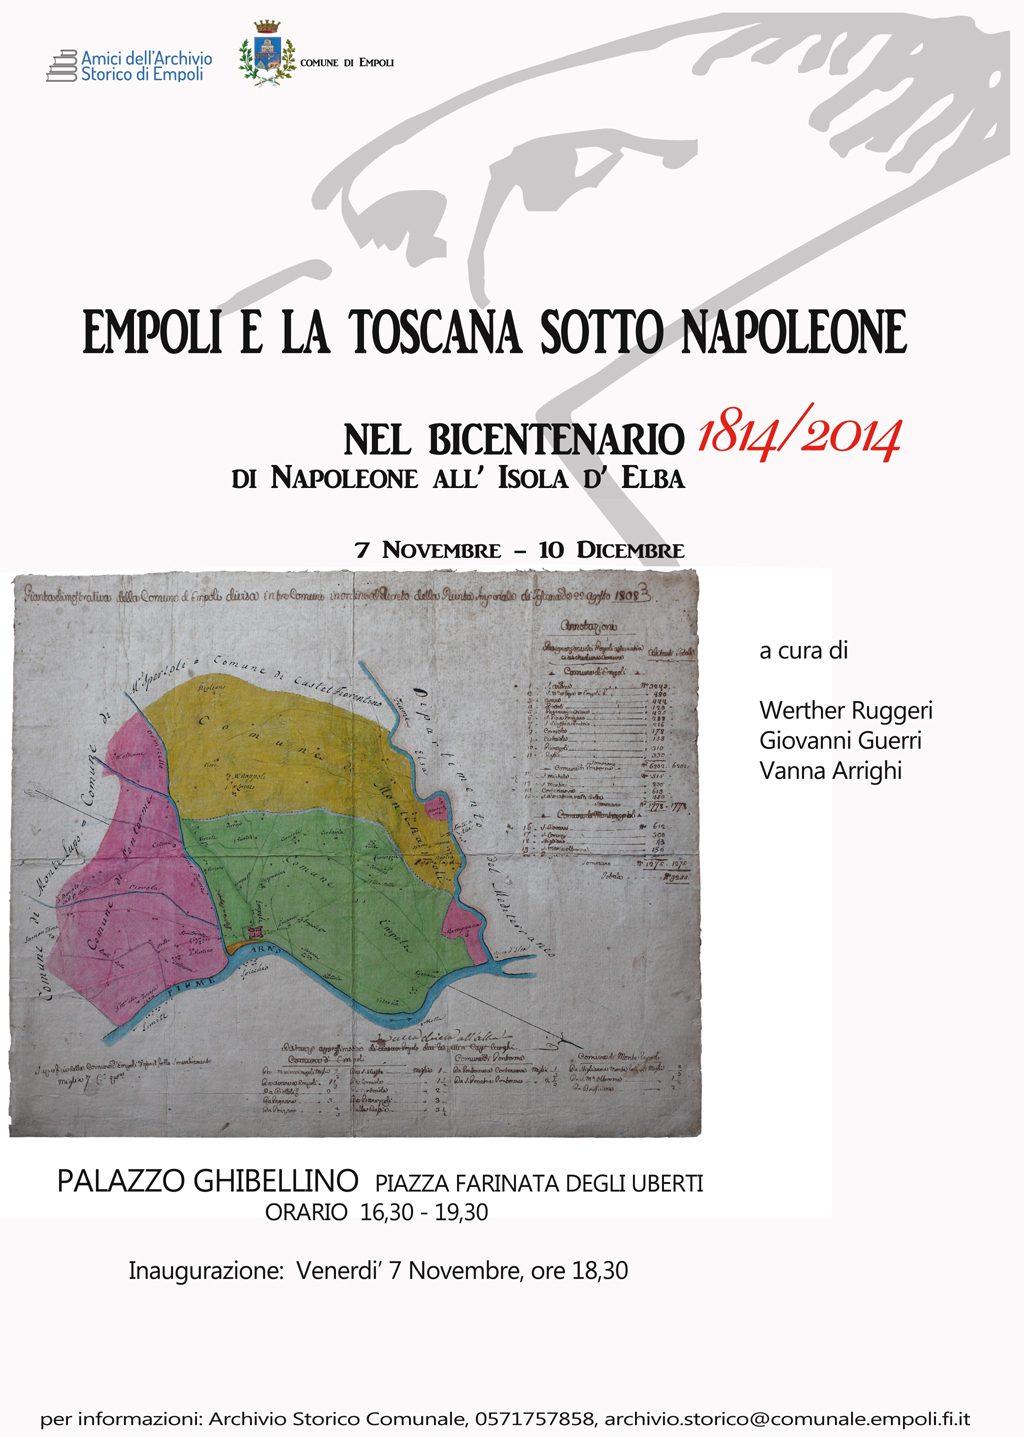 Empoli E La Toscana Sotto Napoleone: Ven 07 Novembre Al Palazzo Ghibellino